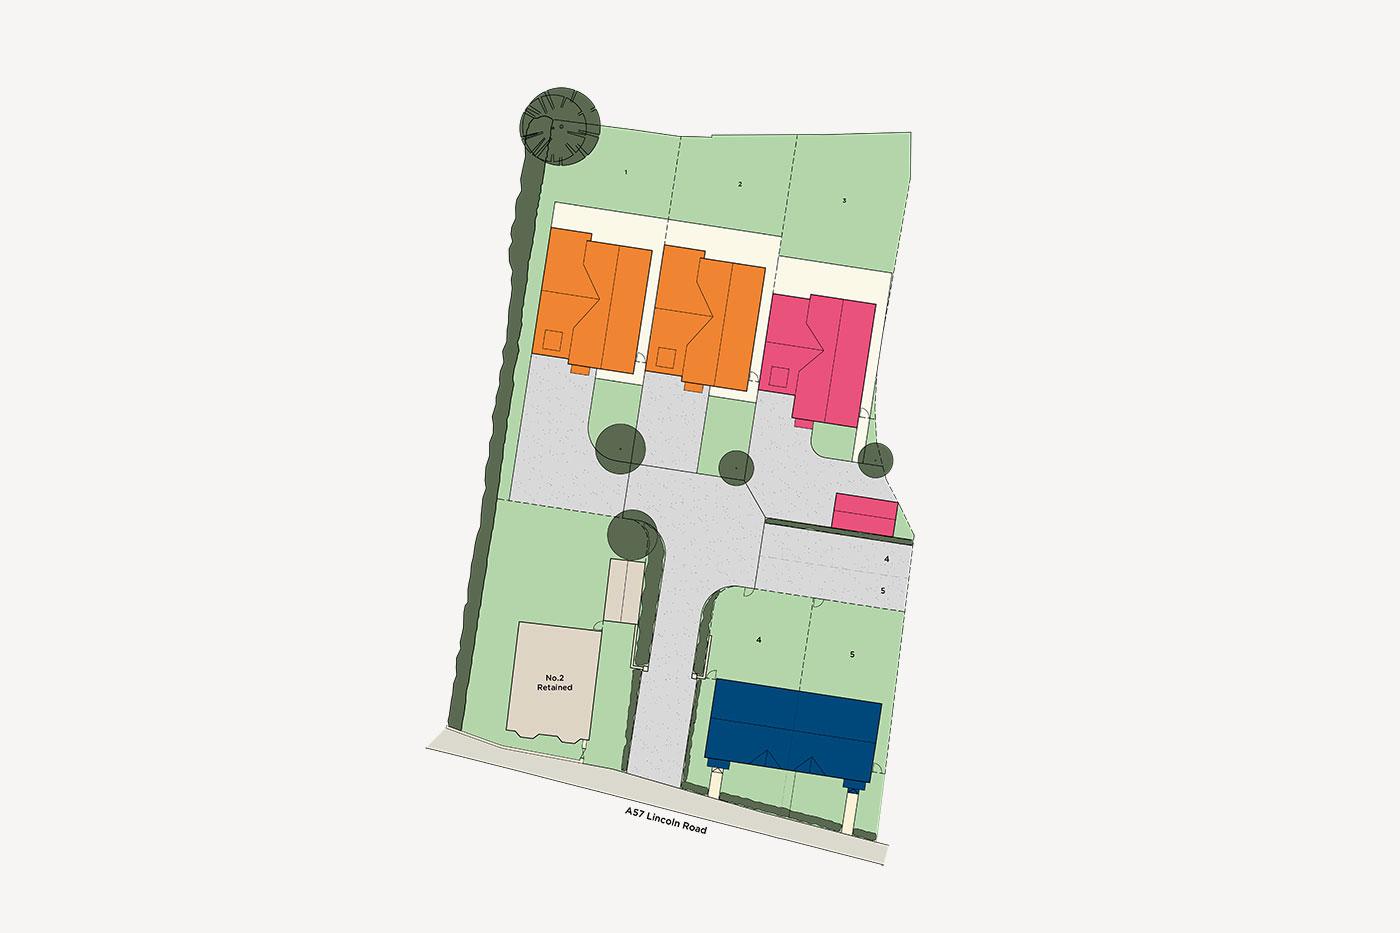 Parman Court Site Plan